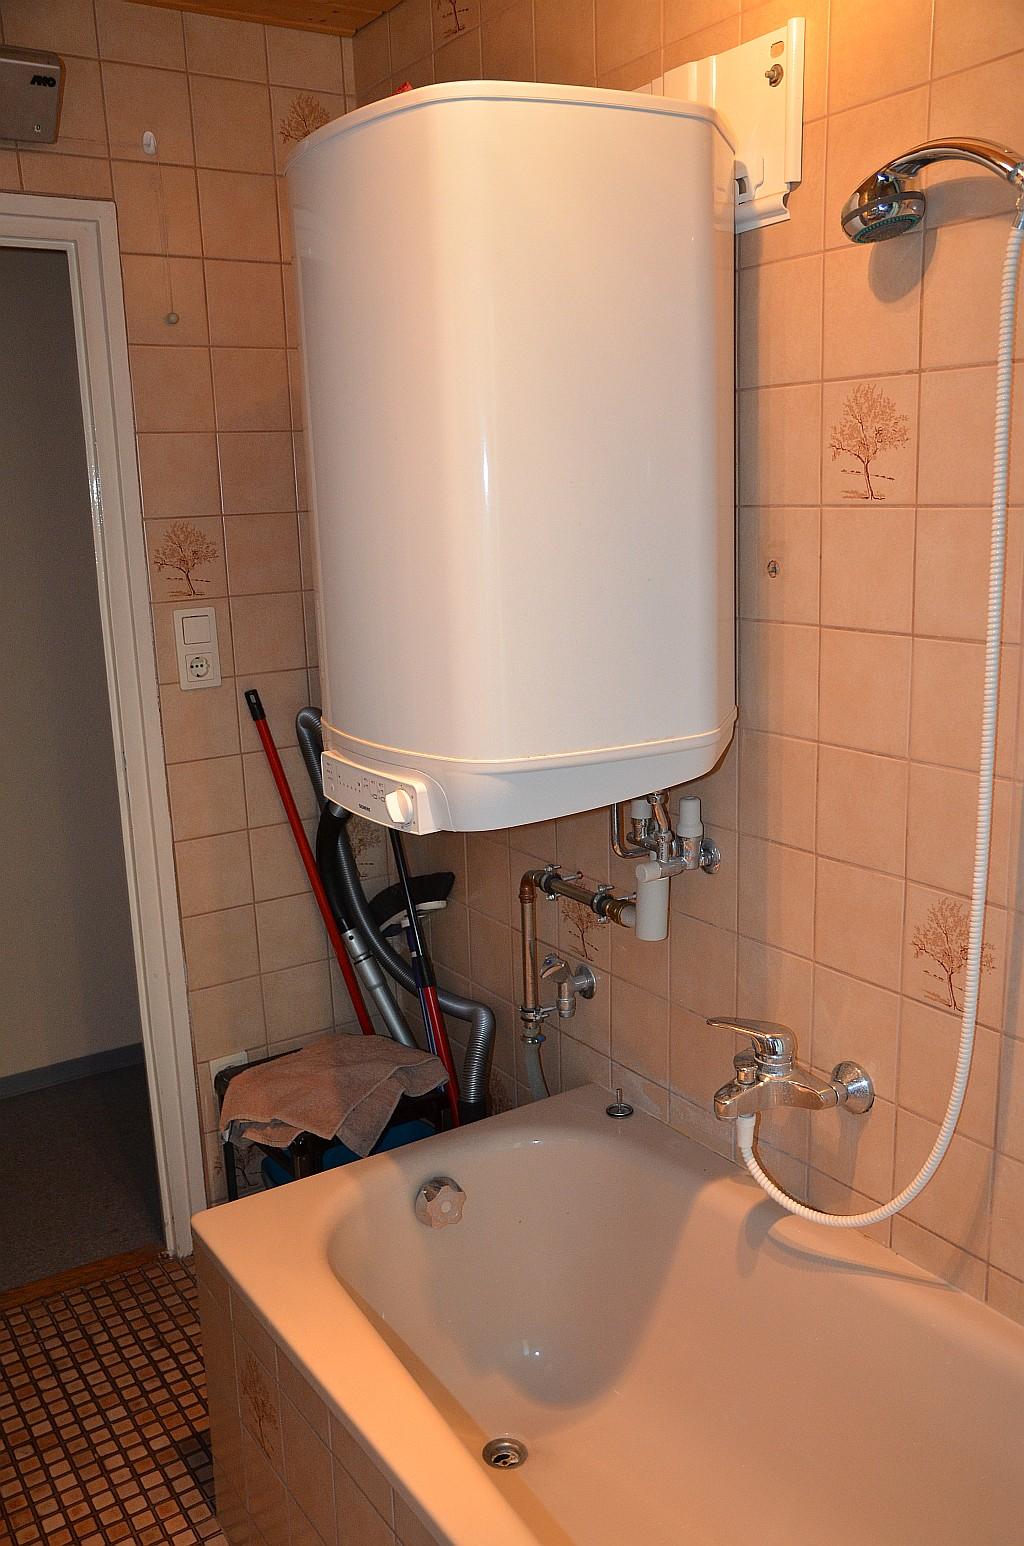 Ebauplan m nchen badrenovierung im herzen von m nchen for Badezimmer 80er jahre